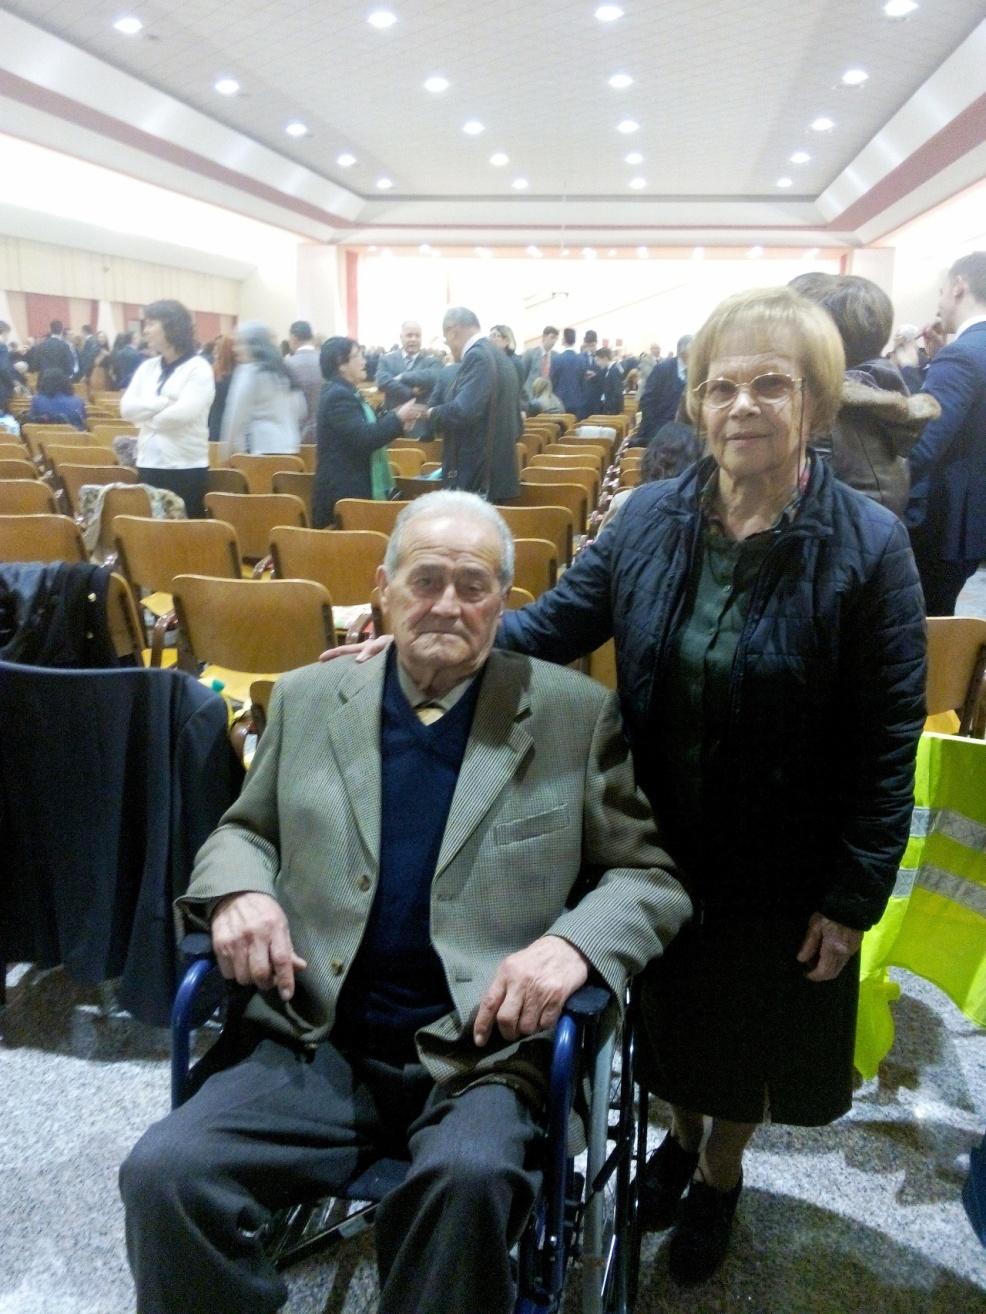 Non è mai troppo tardi. Si battezza a 82 anni come testimone di Geova al raduno di Roseto degli Abruzzi